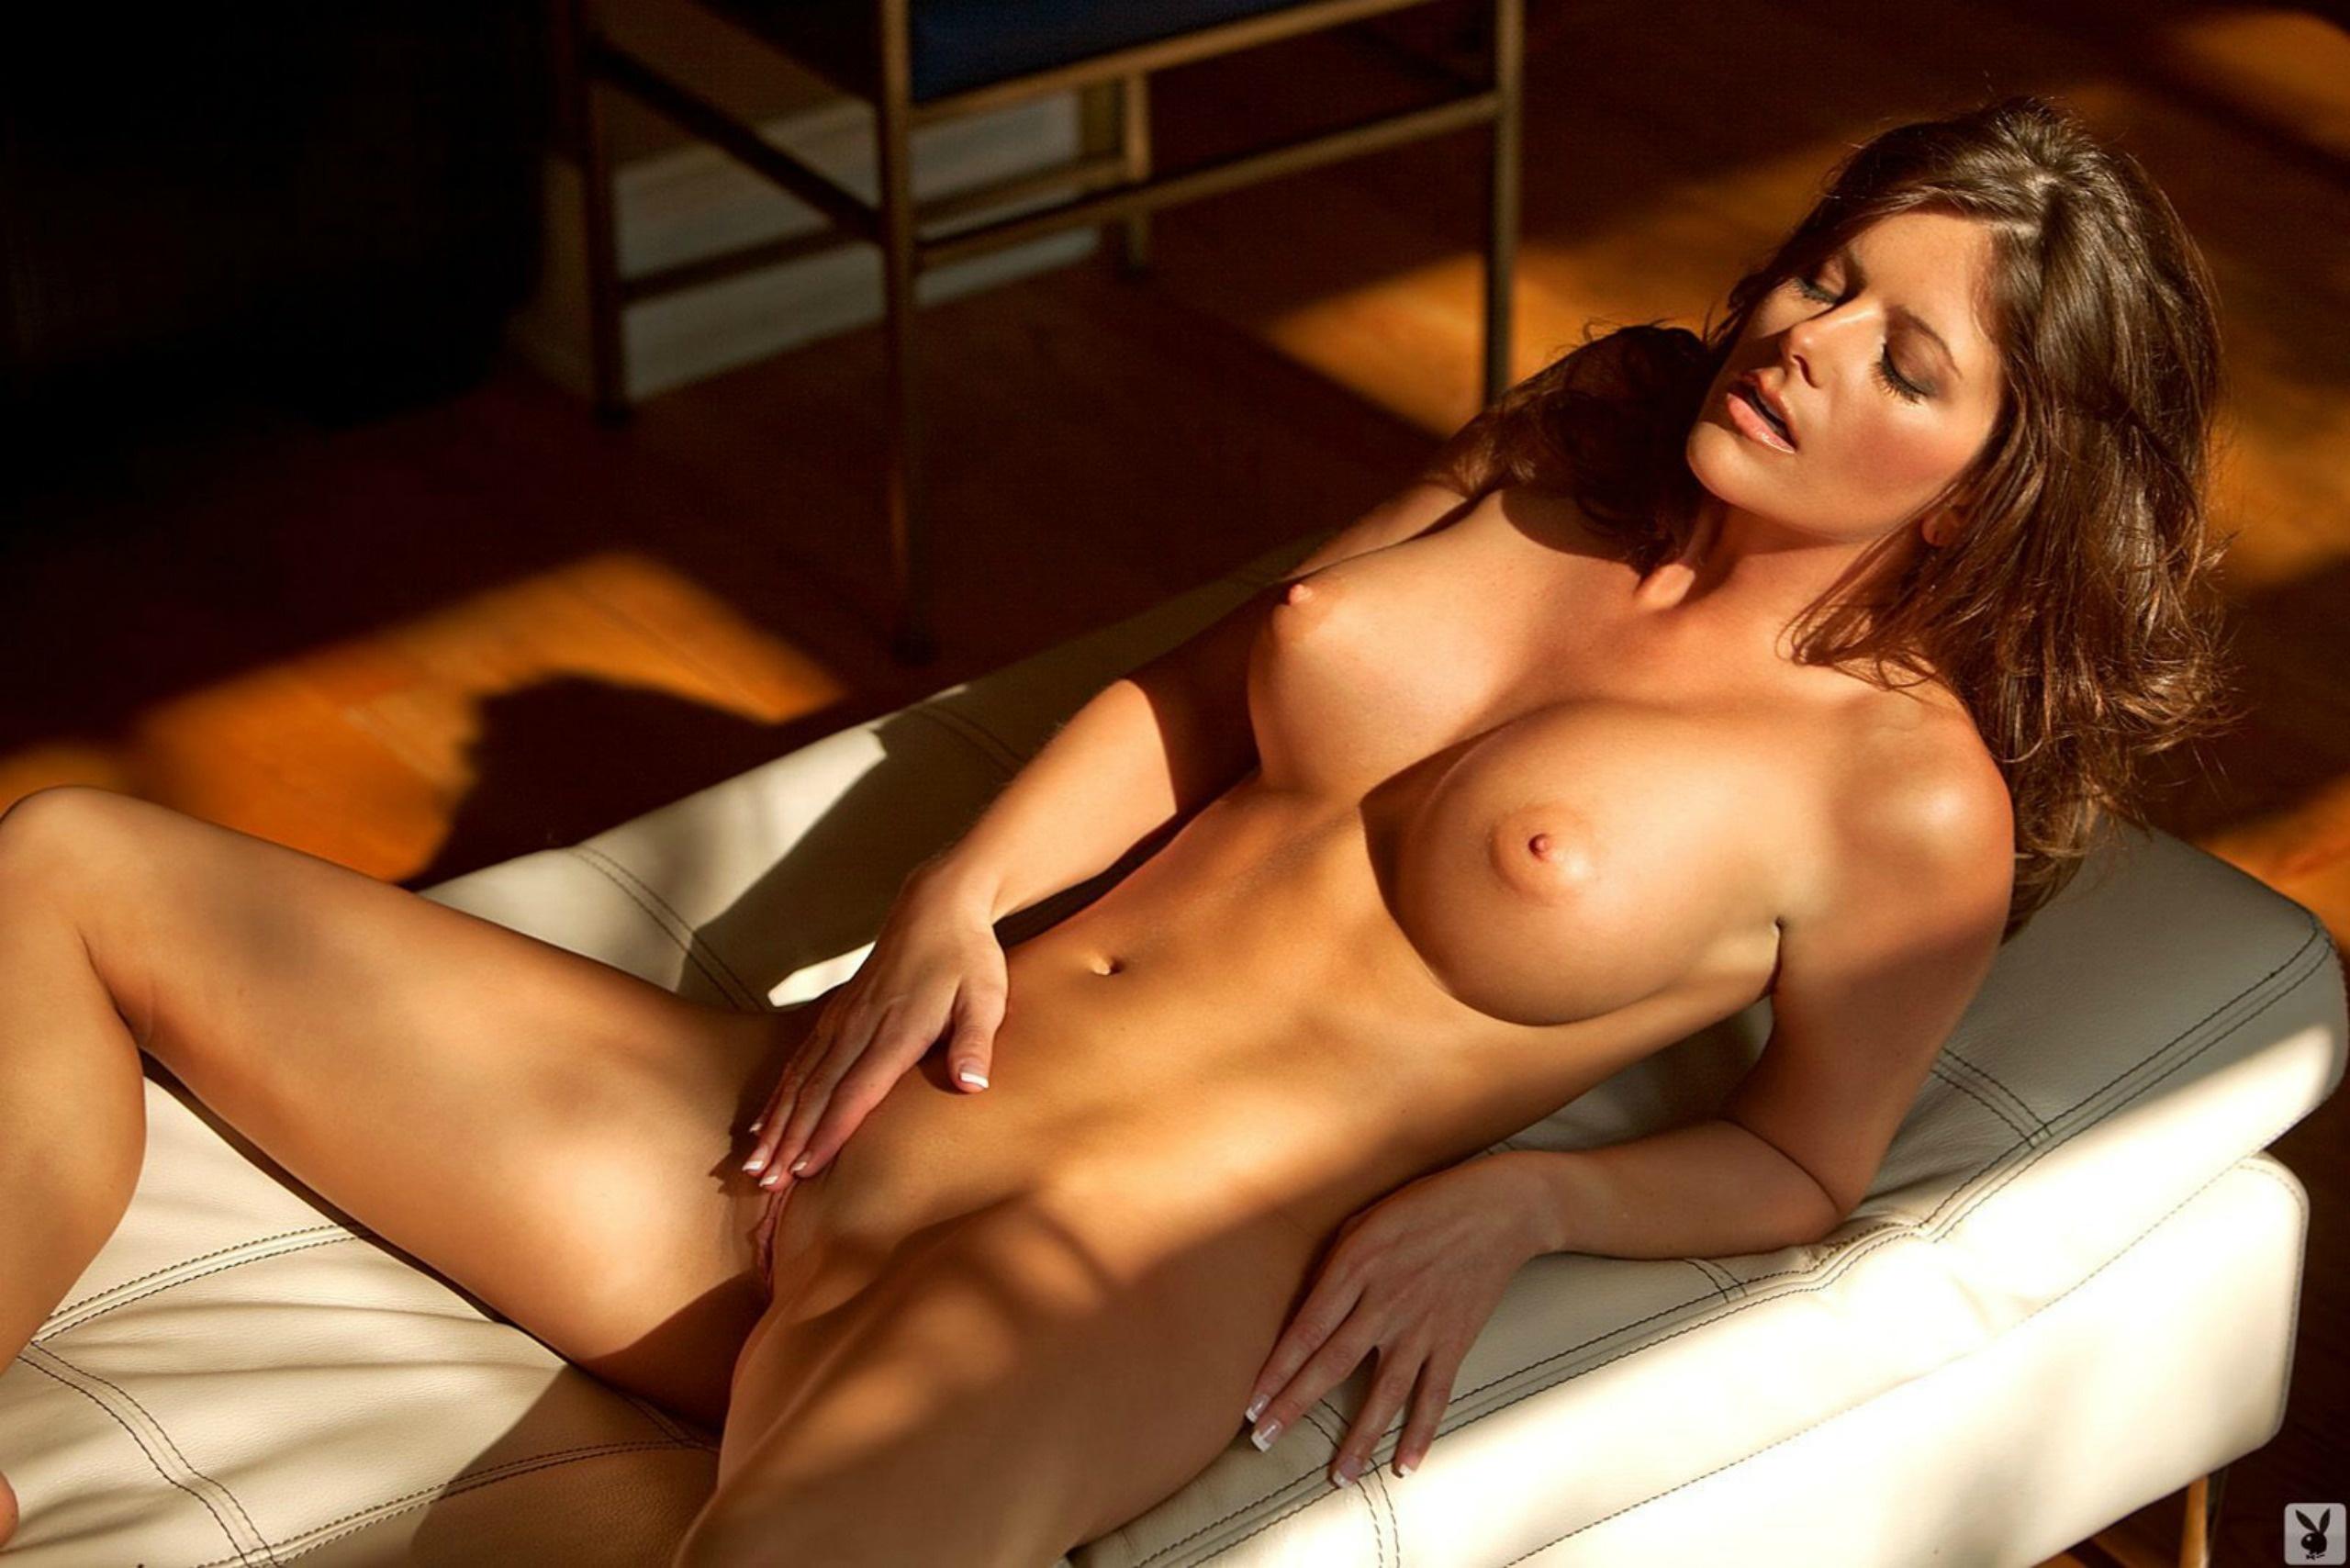 Фото модели голые в сексе 5 фотография